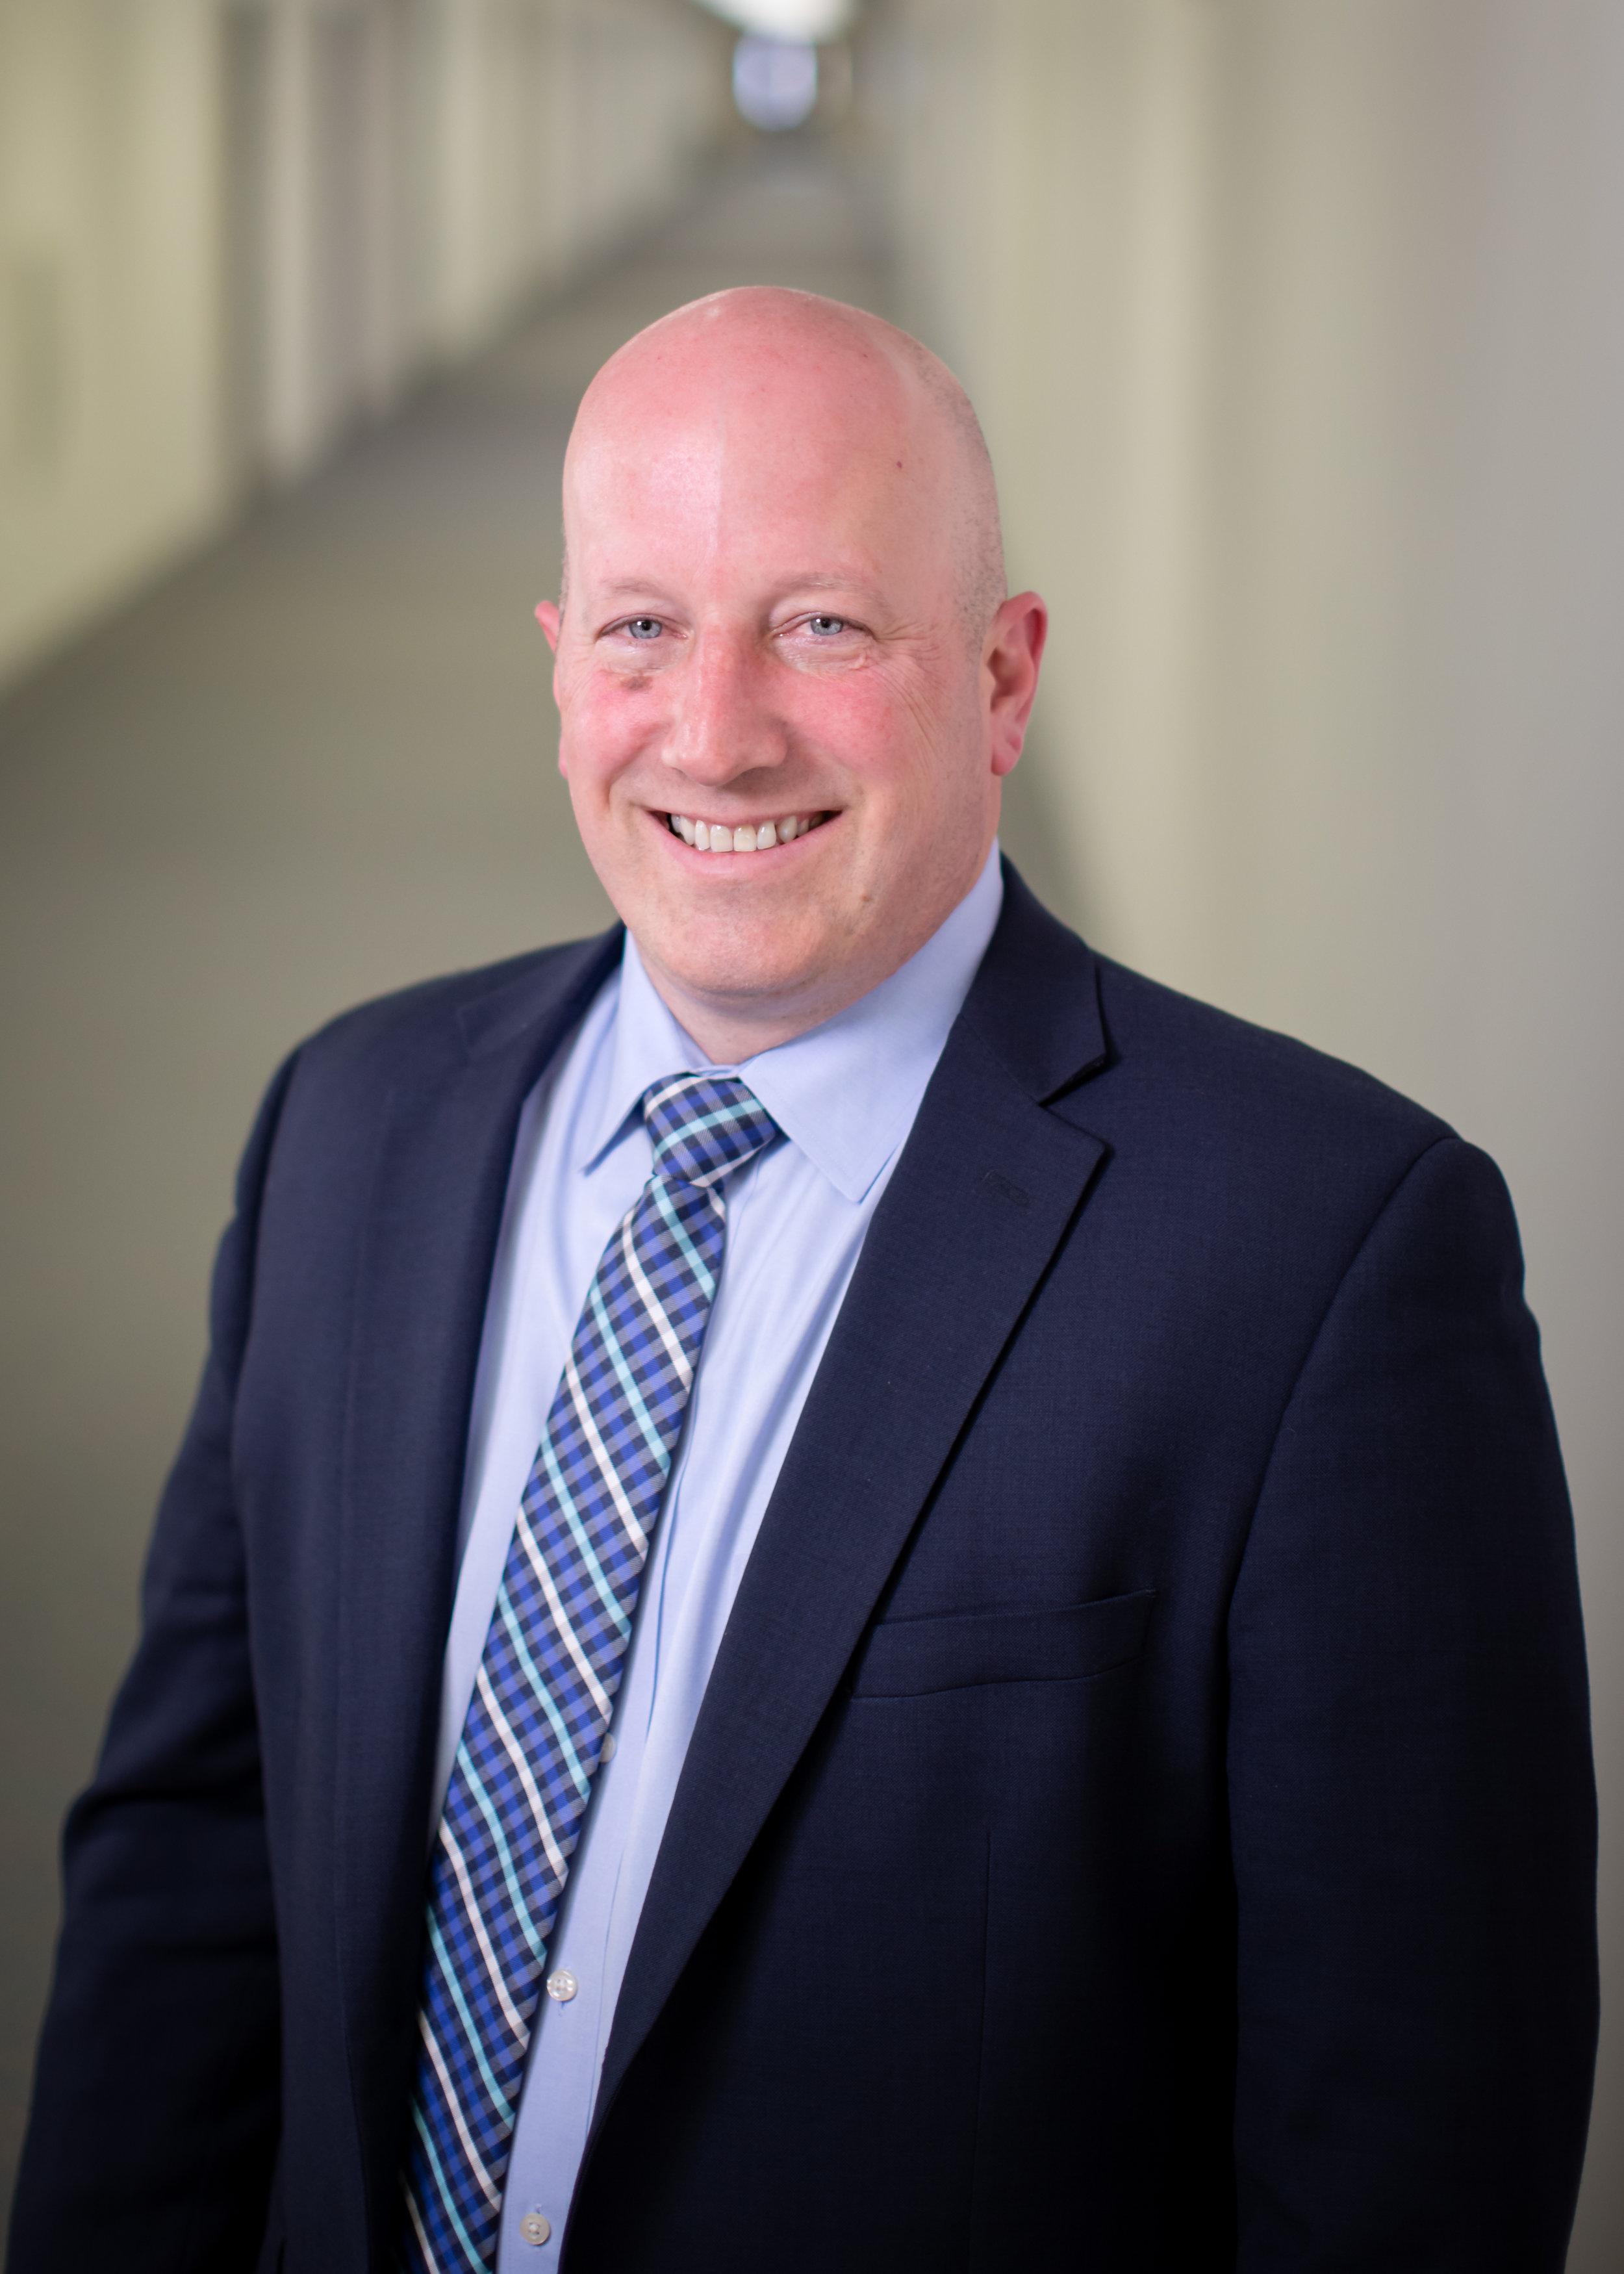 Tim Hemans - Director of Academies & CTE